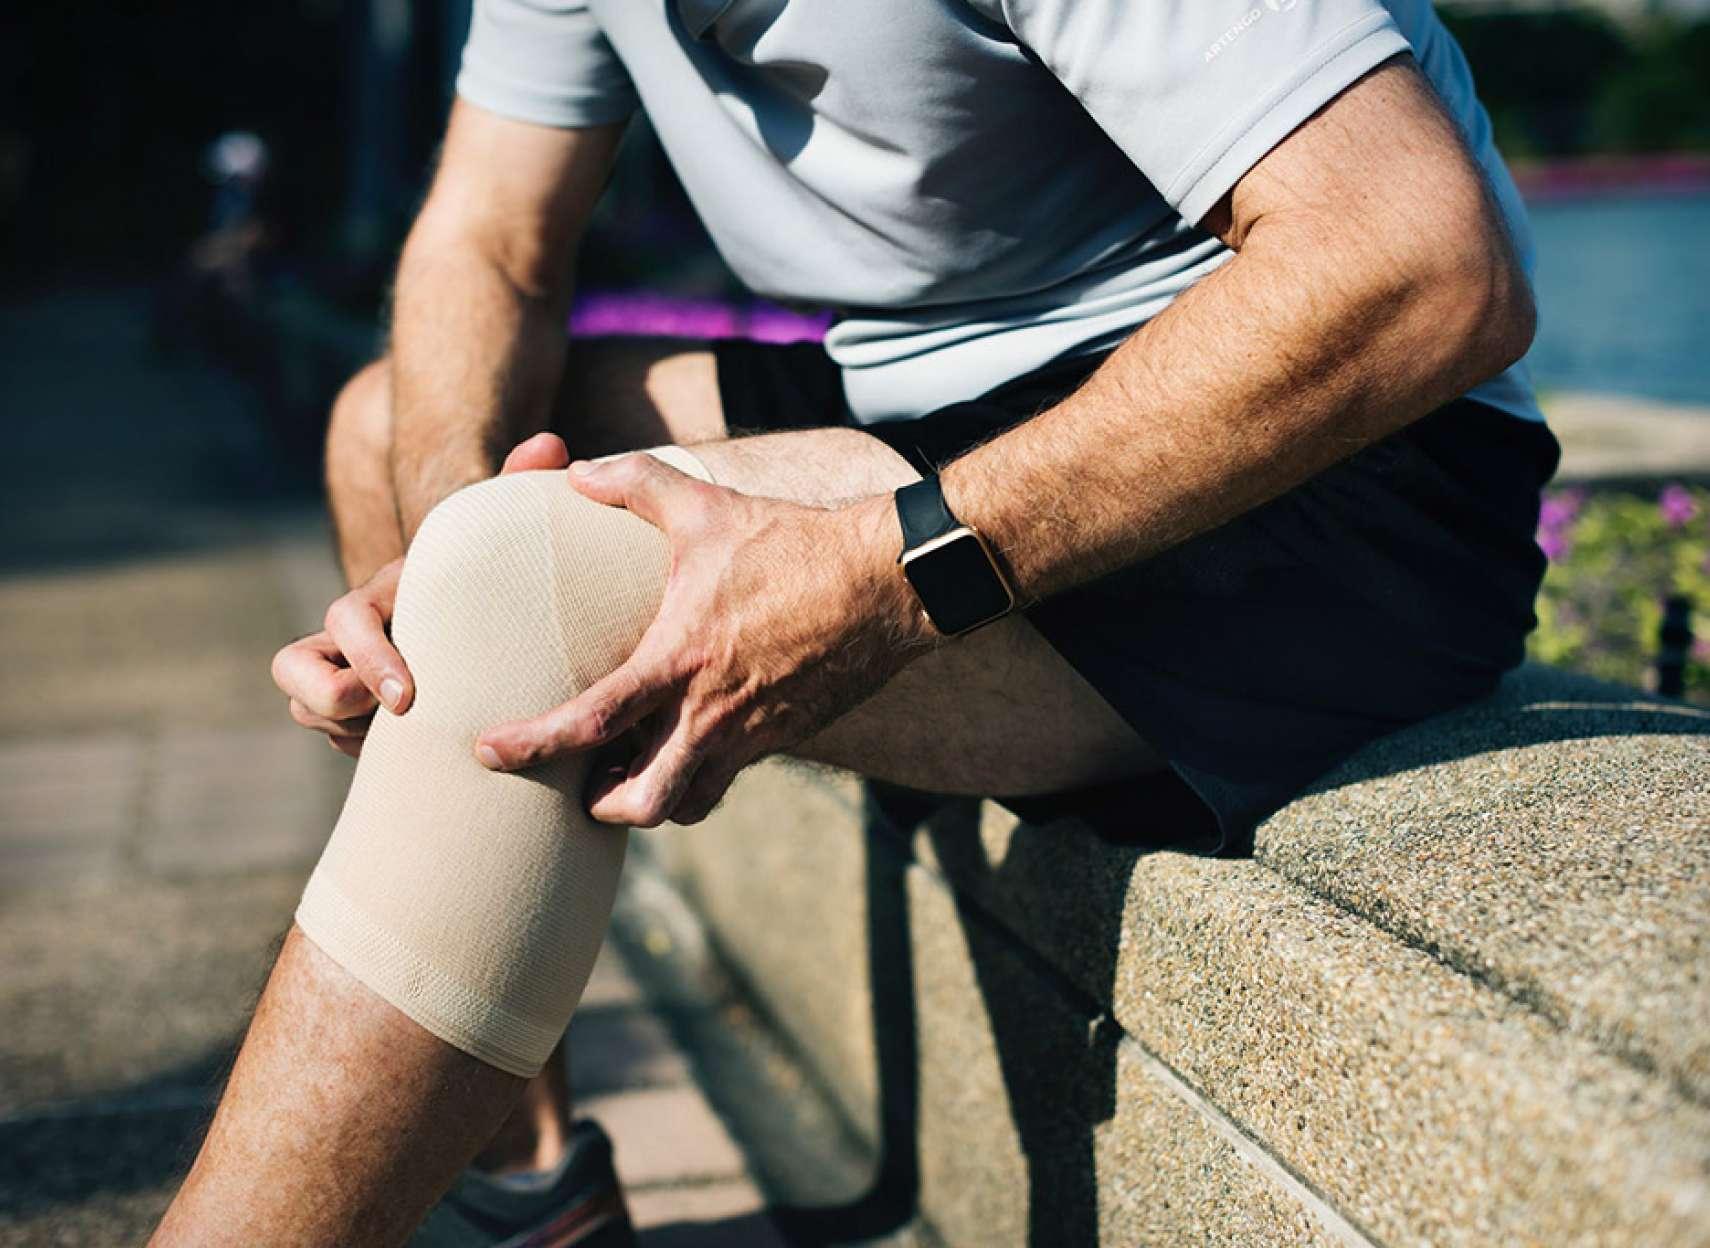 طبیعی-درمانی-کاظمی-دردهای-مفصلی-و-باید-و-نبایدها-برای-کاهش-آن